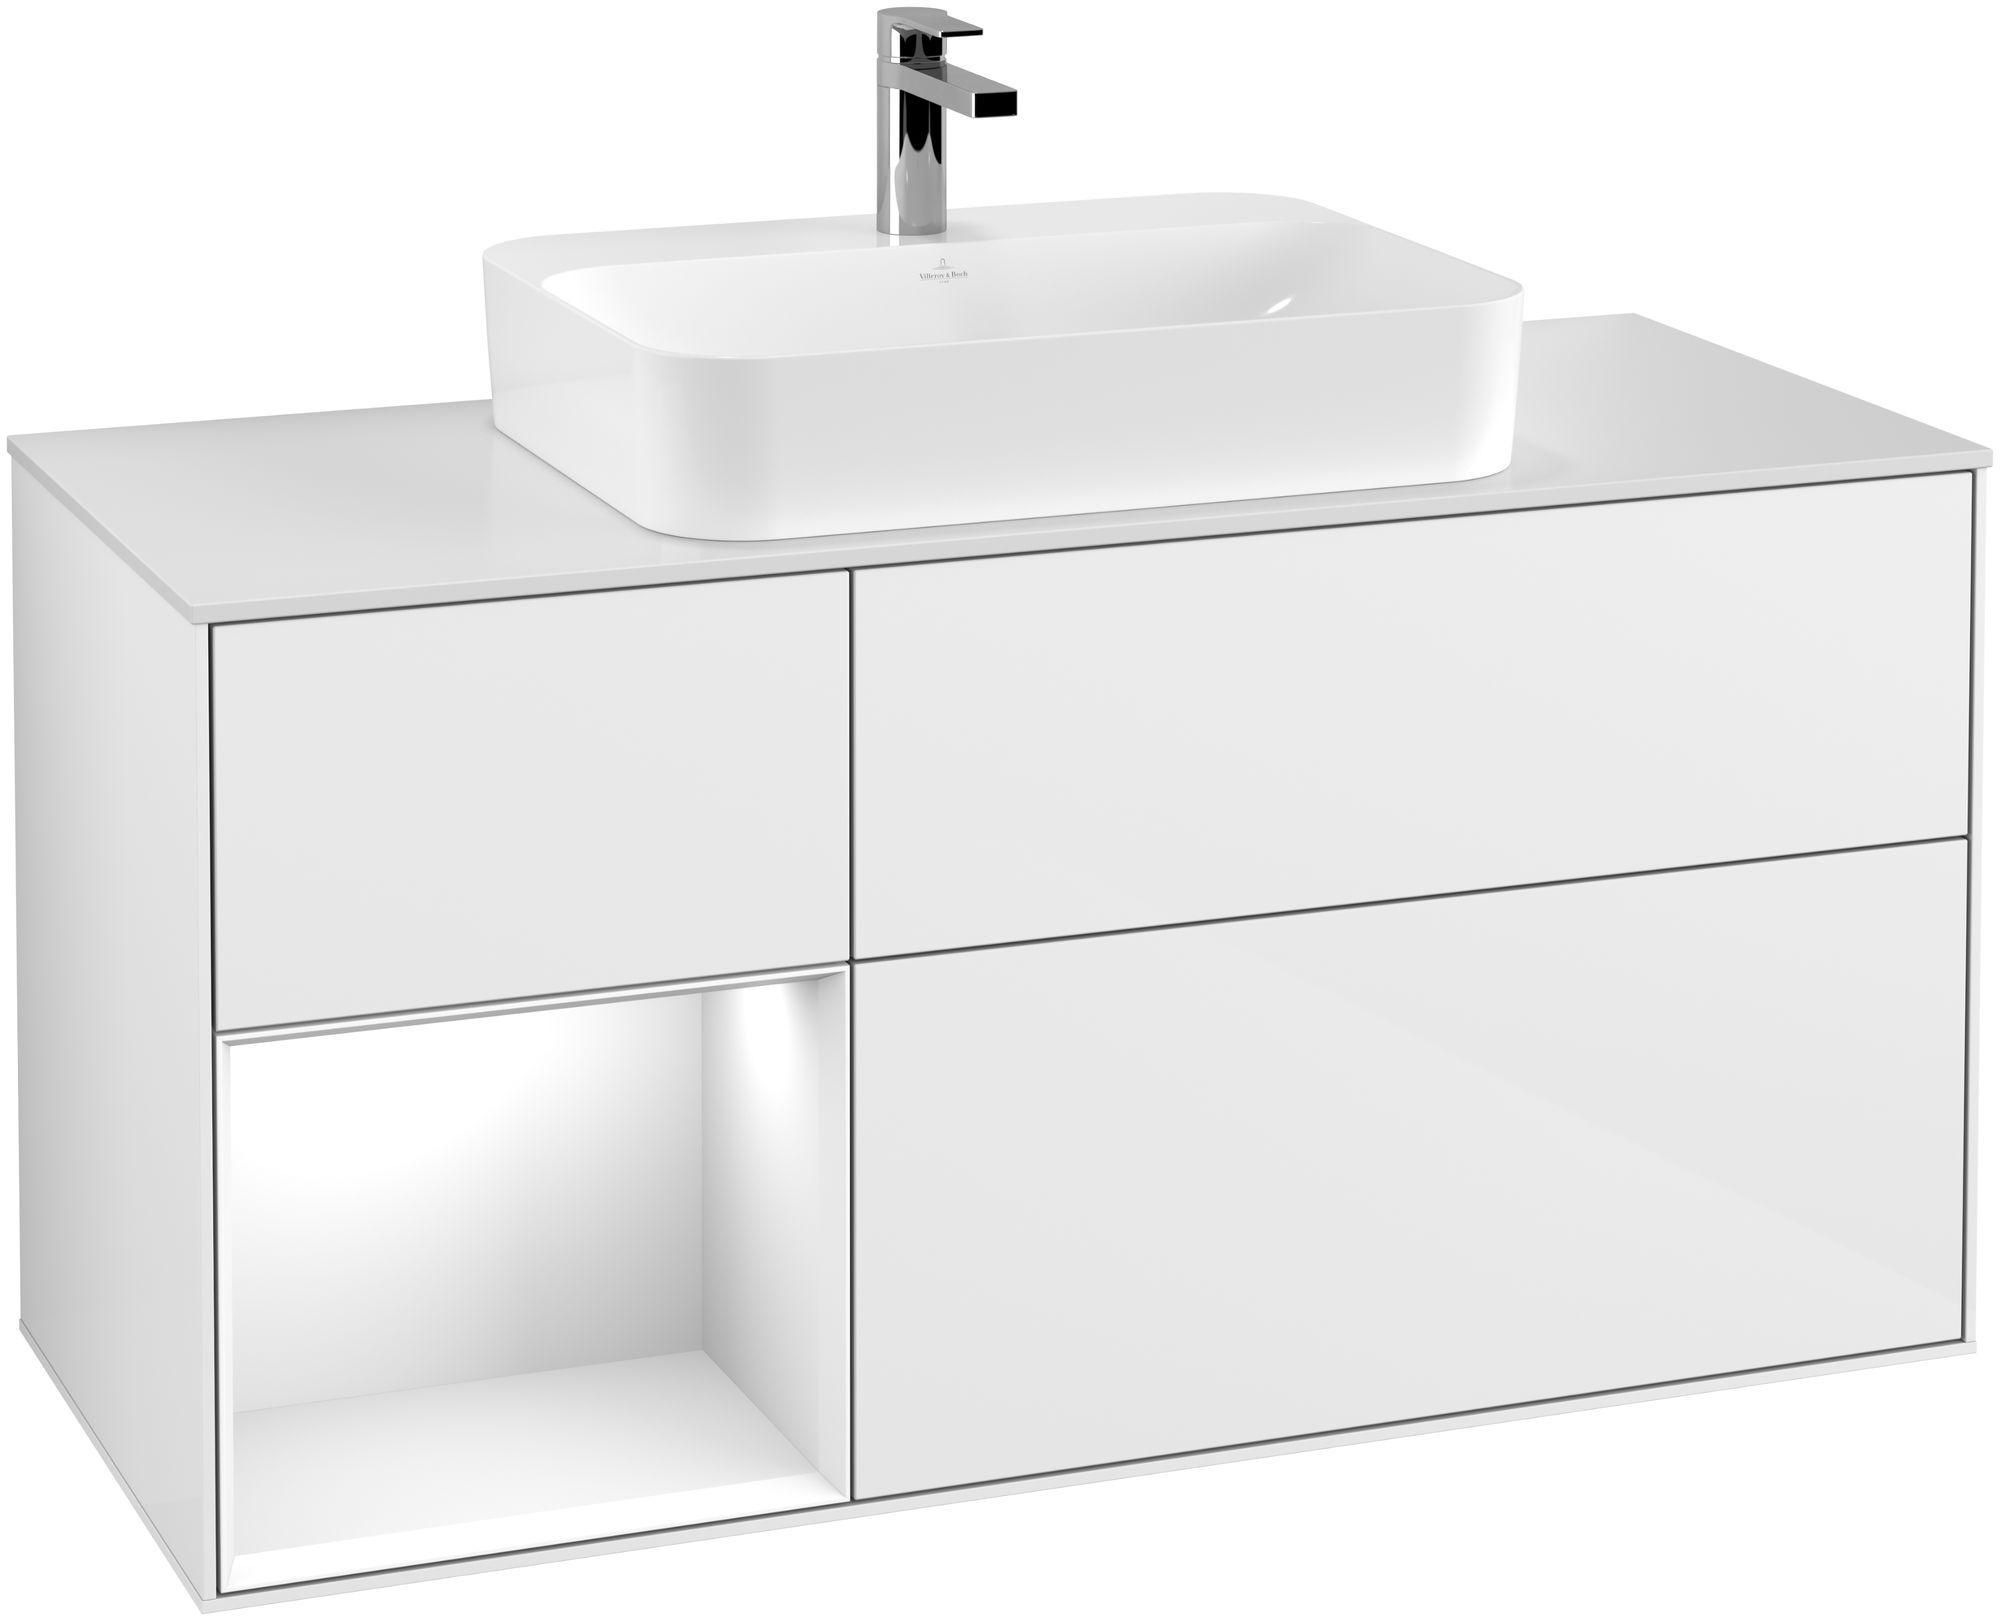 Villeroy & Boch Finion G41 Waschtischunterschrank mit Regalelement 3 Auszüge Waschtisch mittig LED-Beleuchtung B:120xH:60,3xT:50,1cm Front, Korpus: Glossy White Lack, Glasplatte: White Matt G411GFGF